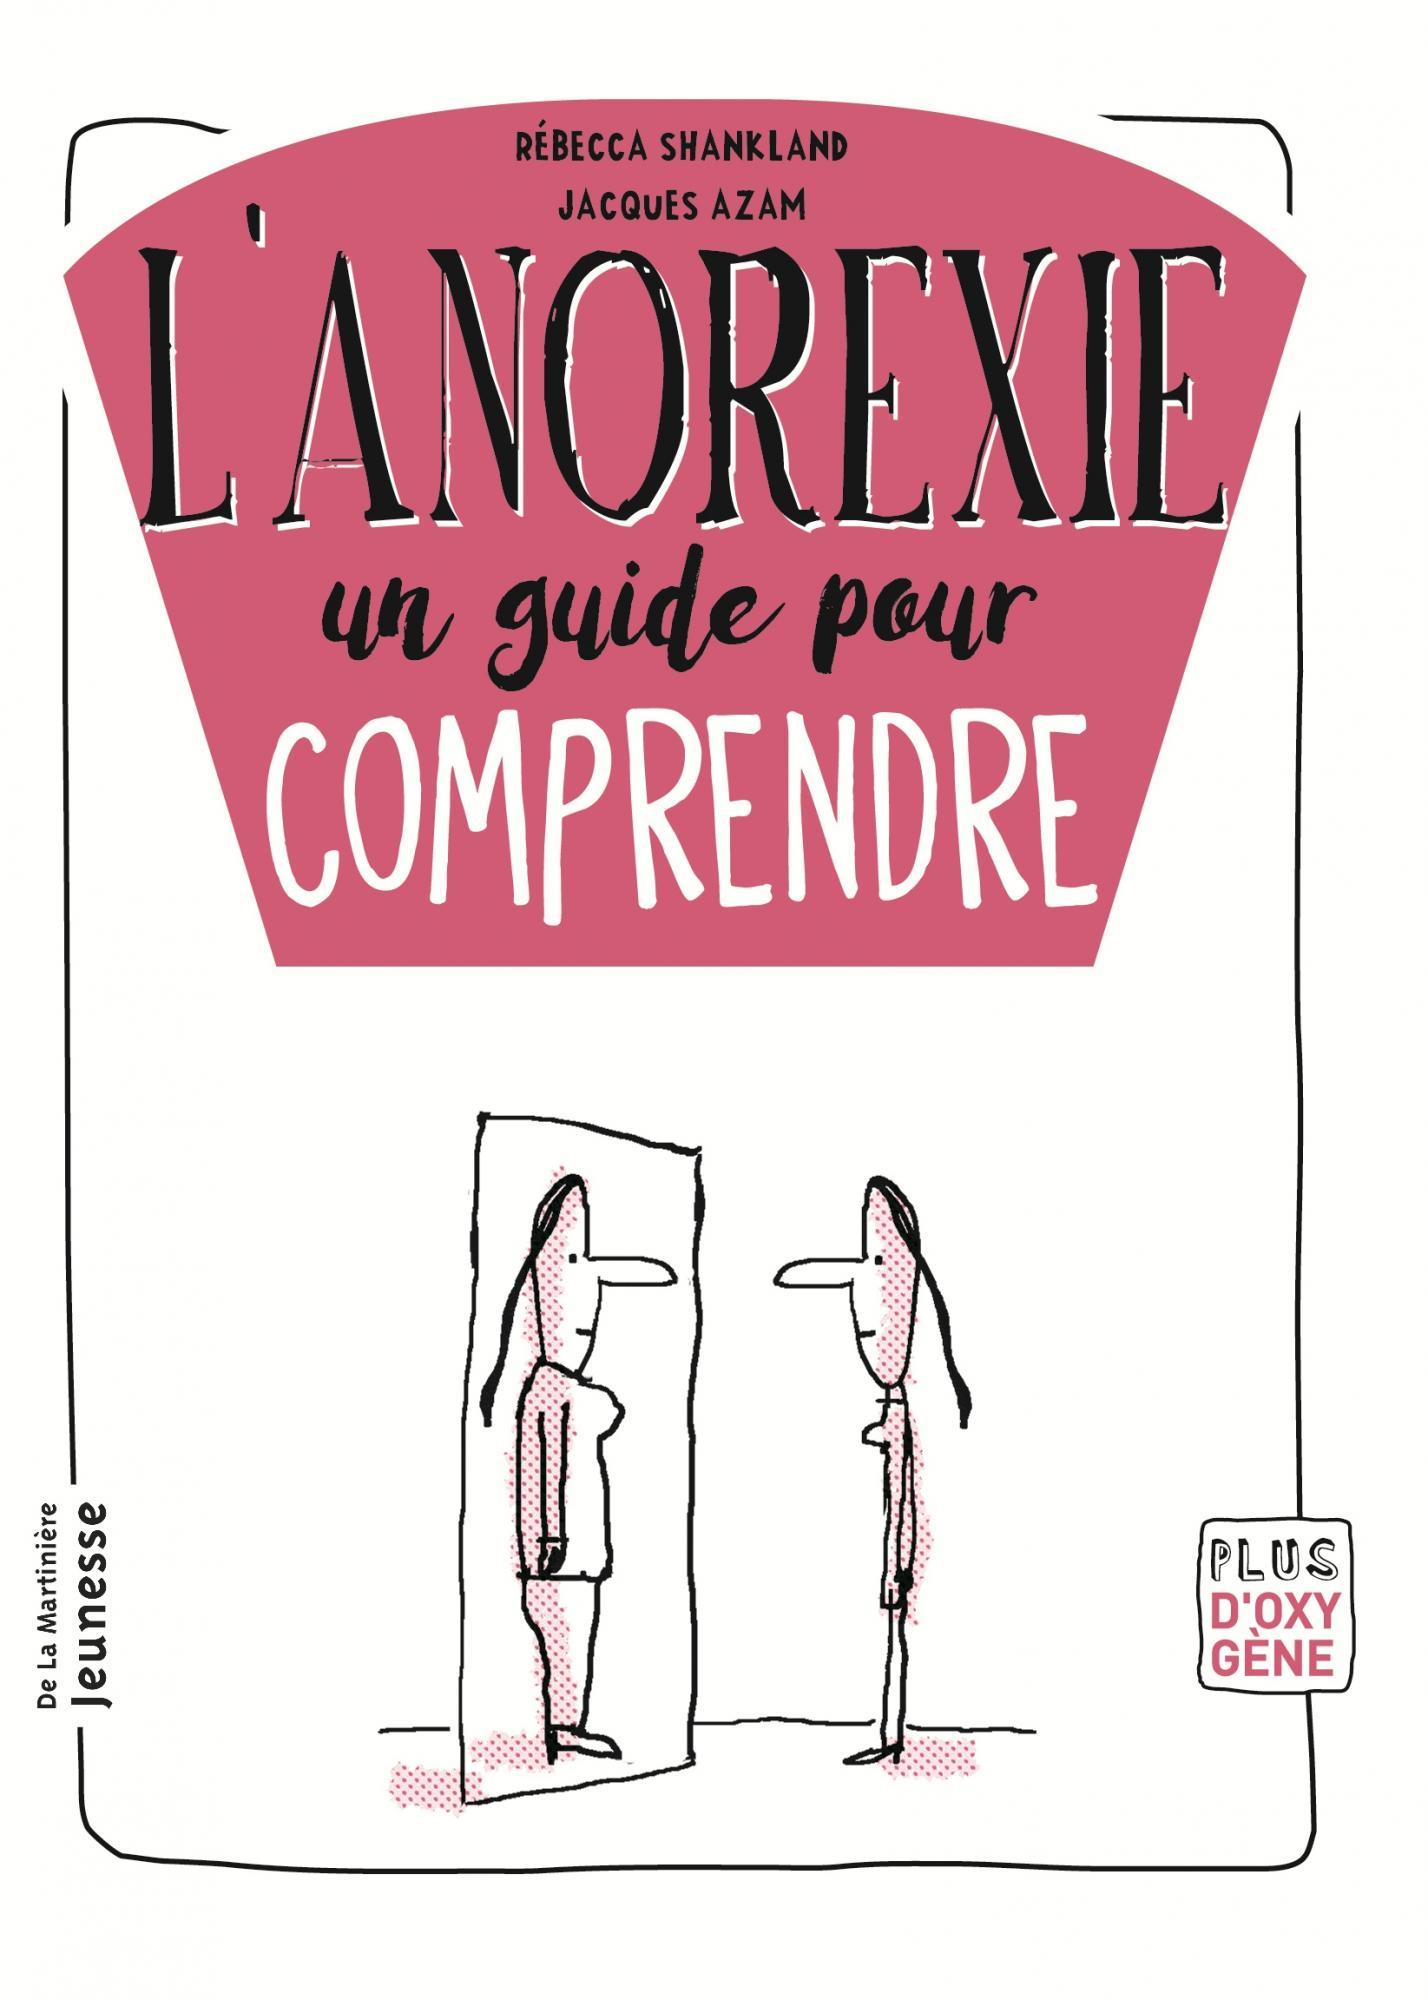 05a16639f336 L anorexie   un guide pour comprendre   Ricochet